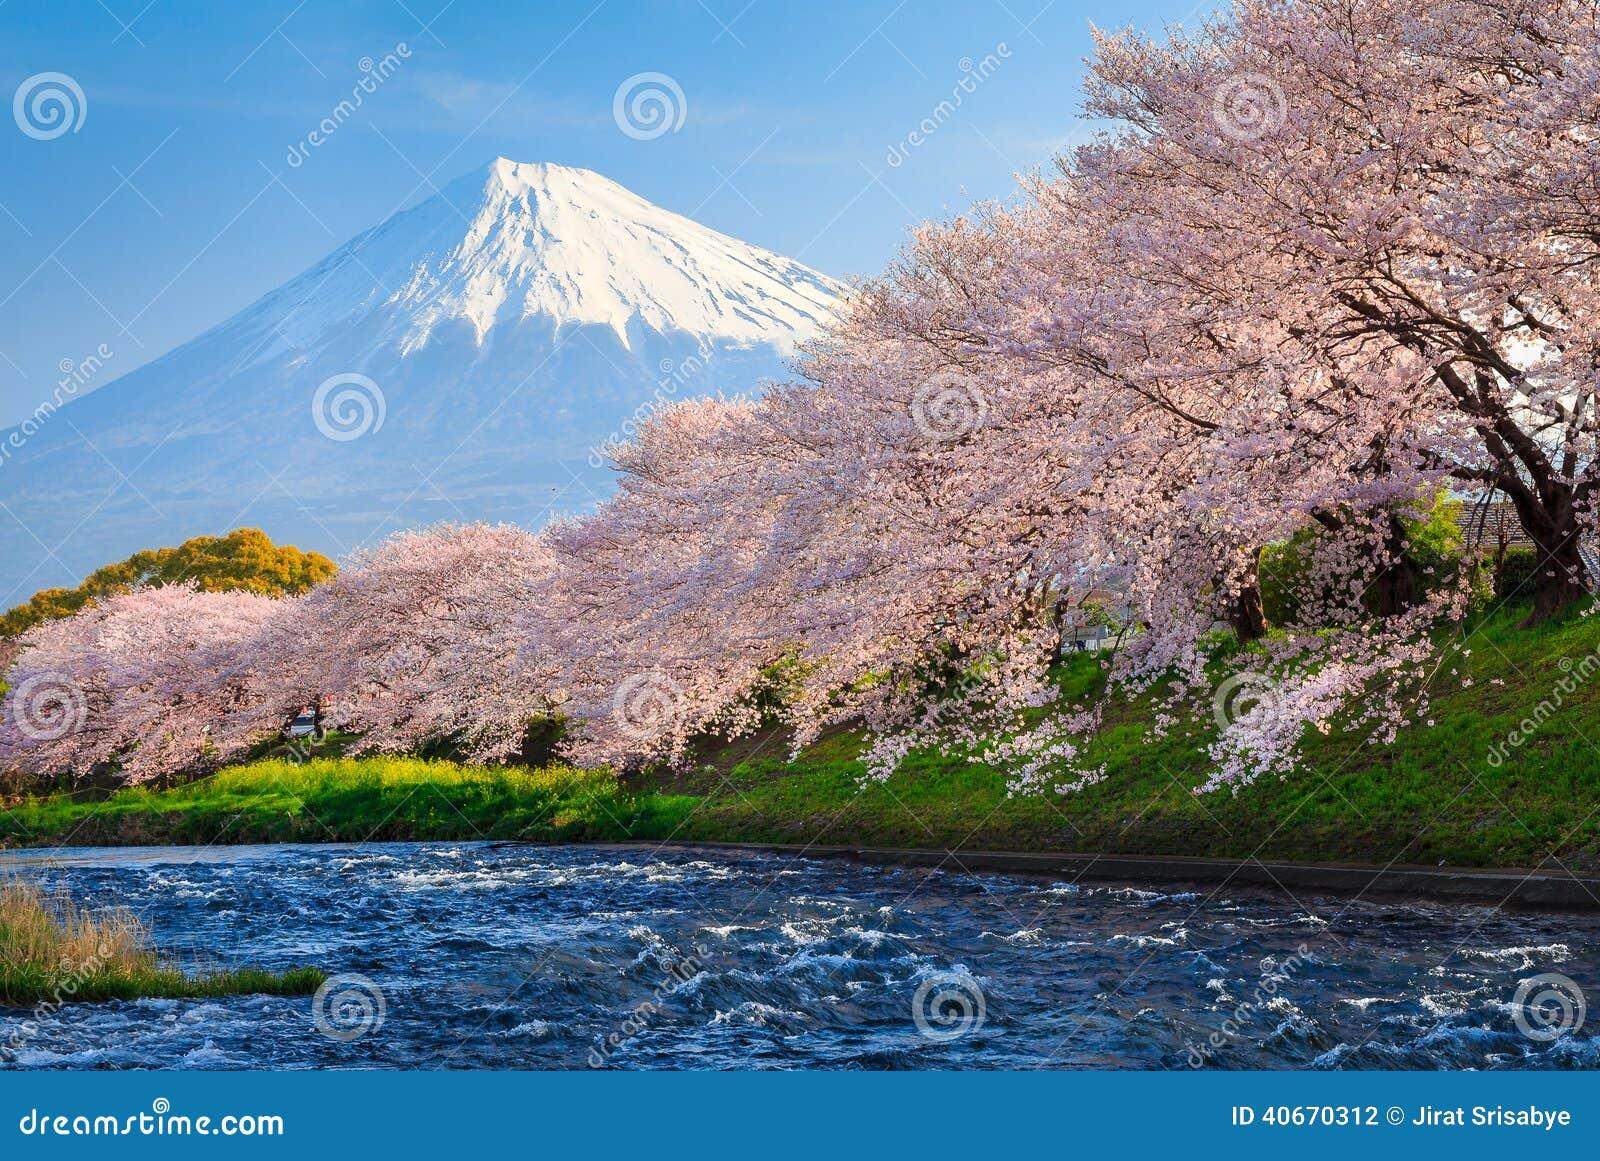 El monte Fuji y Sakura